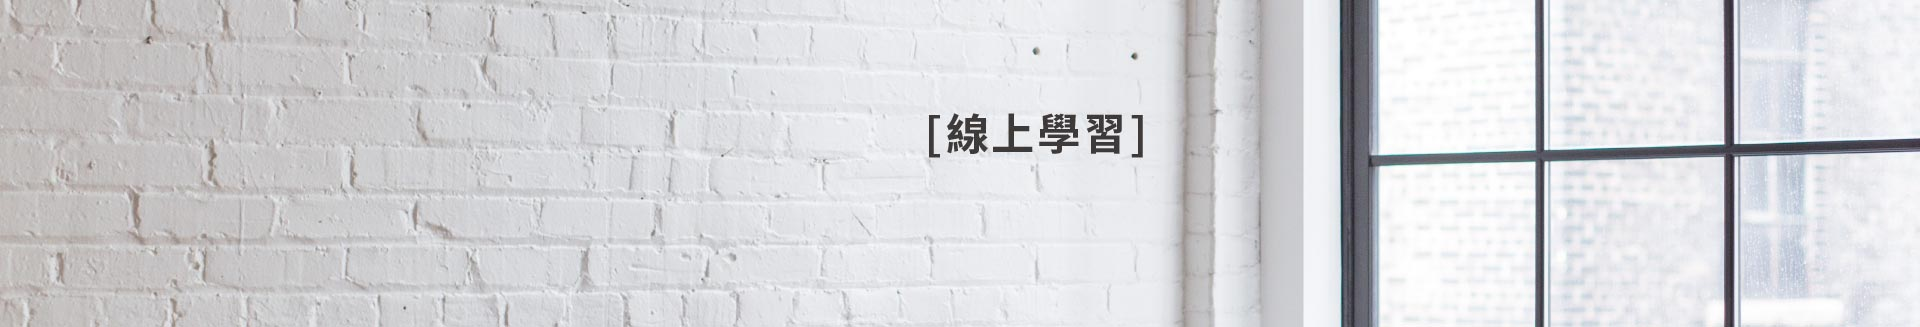 [學A-01] 888線上學習